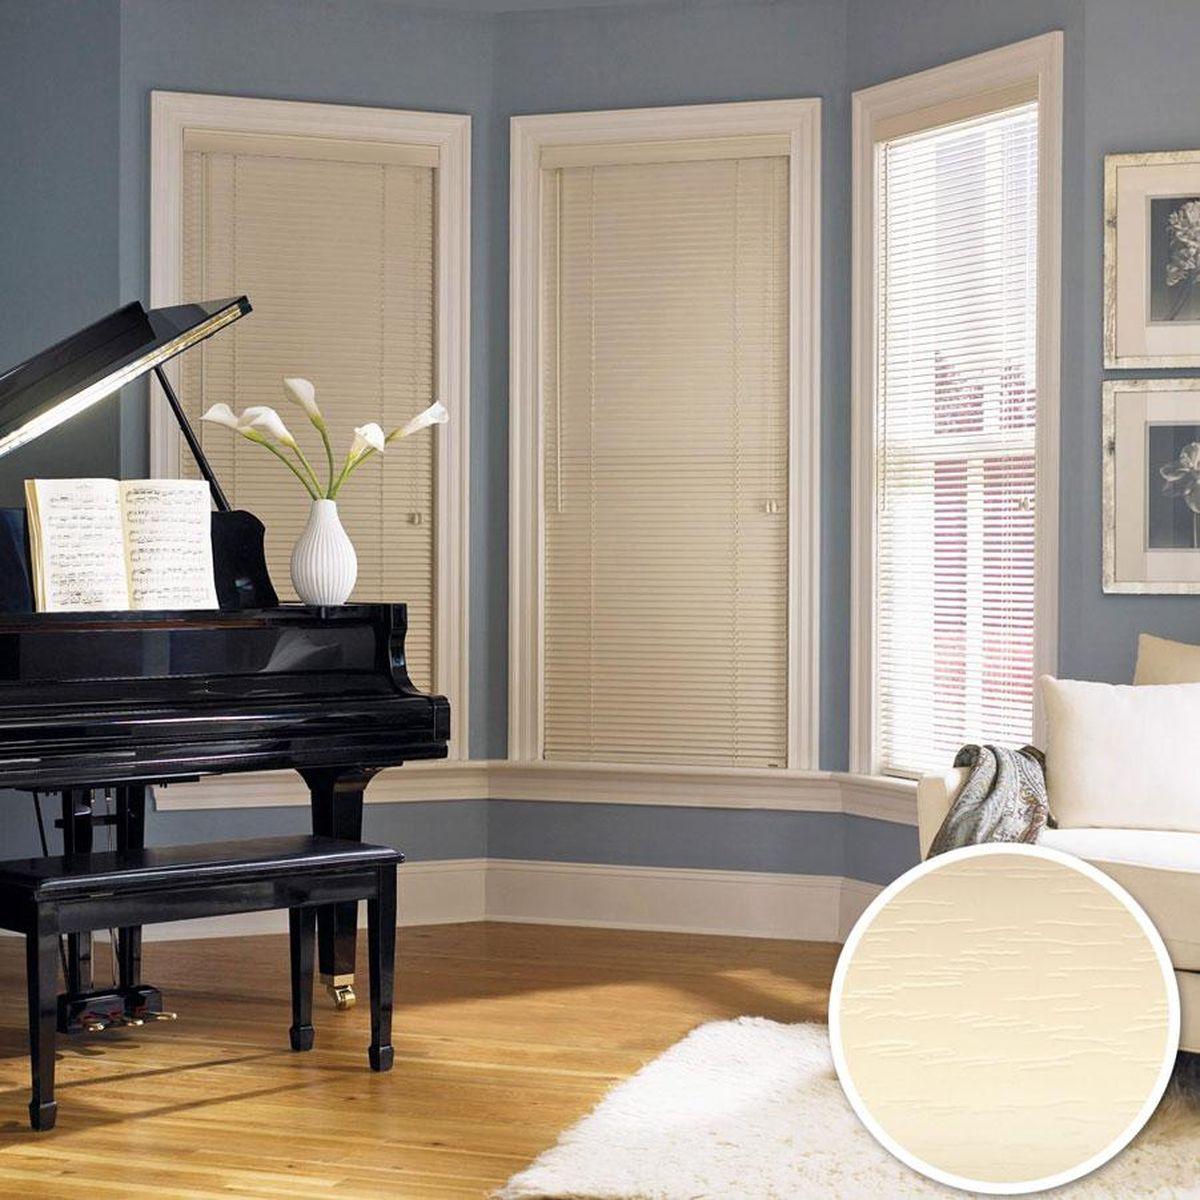 Жалюзи пластиковые 38 мм Эскар, горизонтальные, цвет: бежевый, ширина 160 см, высота 160 см61009160160Для того чтобы придать интерьеру изюминку и завершенность, нет ничего лучше, чем использовать жалюзи на окнах квартиры, дома или офиса. С их помощью можно подчеркнуть индивидуальный вкус, а также стилевое оформление помещения. Помимо декоративных функций, жалюзи выполняют и практические задачи: они защищают от излишнего солнечного света, не дают помещению нагреваться, а также создают уют в темное время суток.Пластиковые жалюзи - самое универсальное и недорогое решение для любого помещения. Купить их может каждый, а широкий выбор размеров под самые популярные габариты сделает покупку простой и удобной. Пластиковые жалюзи имеют высокие эксплуатационные характеристики - они гигиеничны, что делает их незаменимыми при монтаже в детских и медицинских учреждениях.